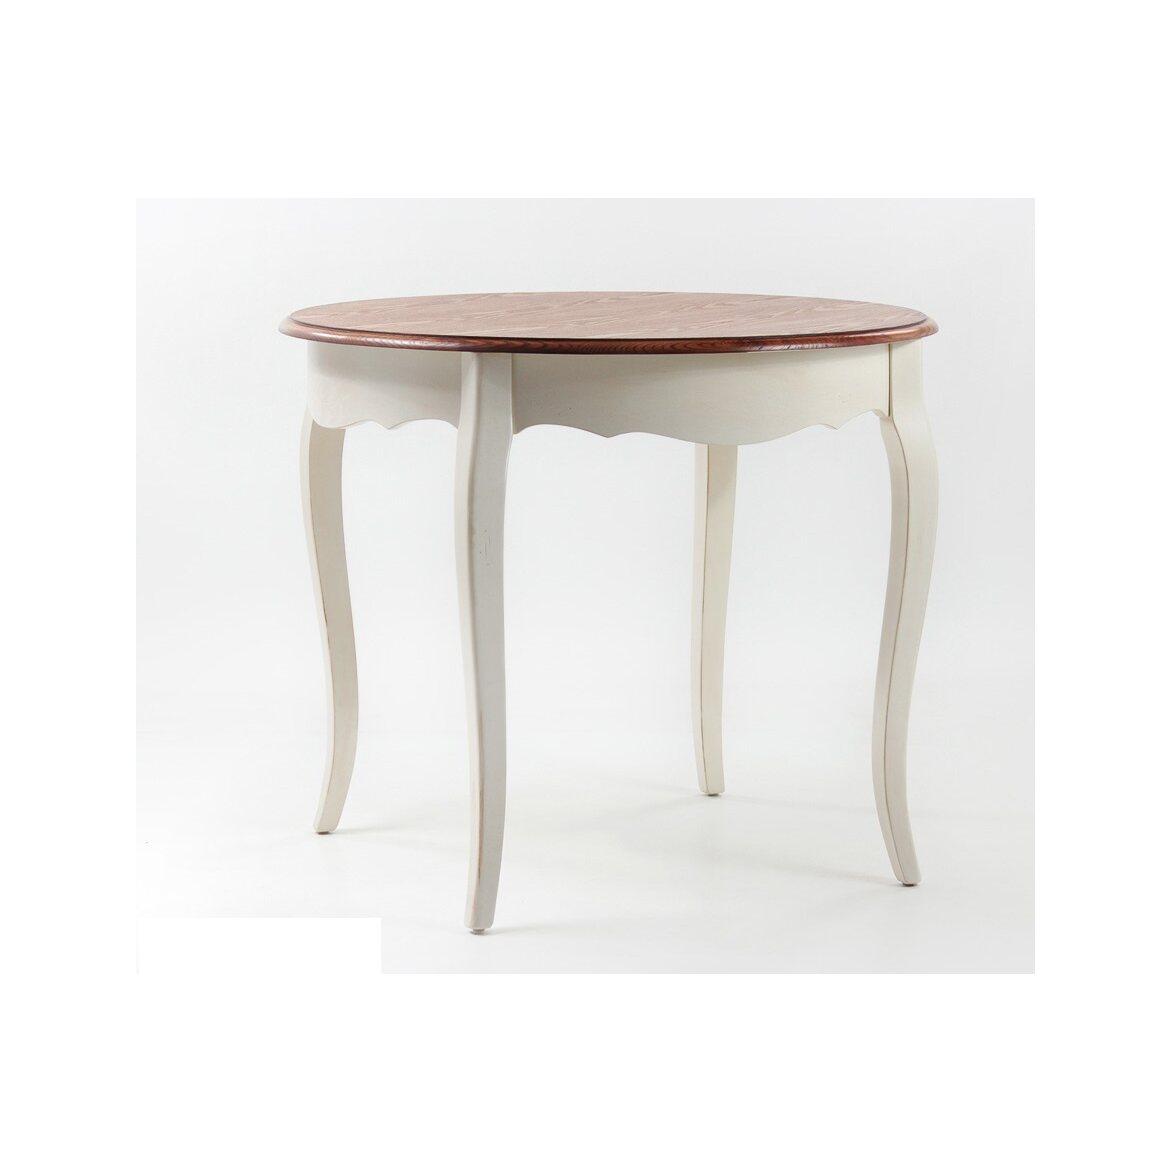 Круглый обеденный стол Leontina (малый), бежевого цвета   Обеденные столы Kingsby